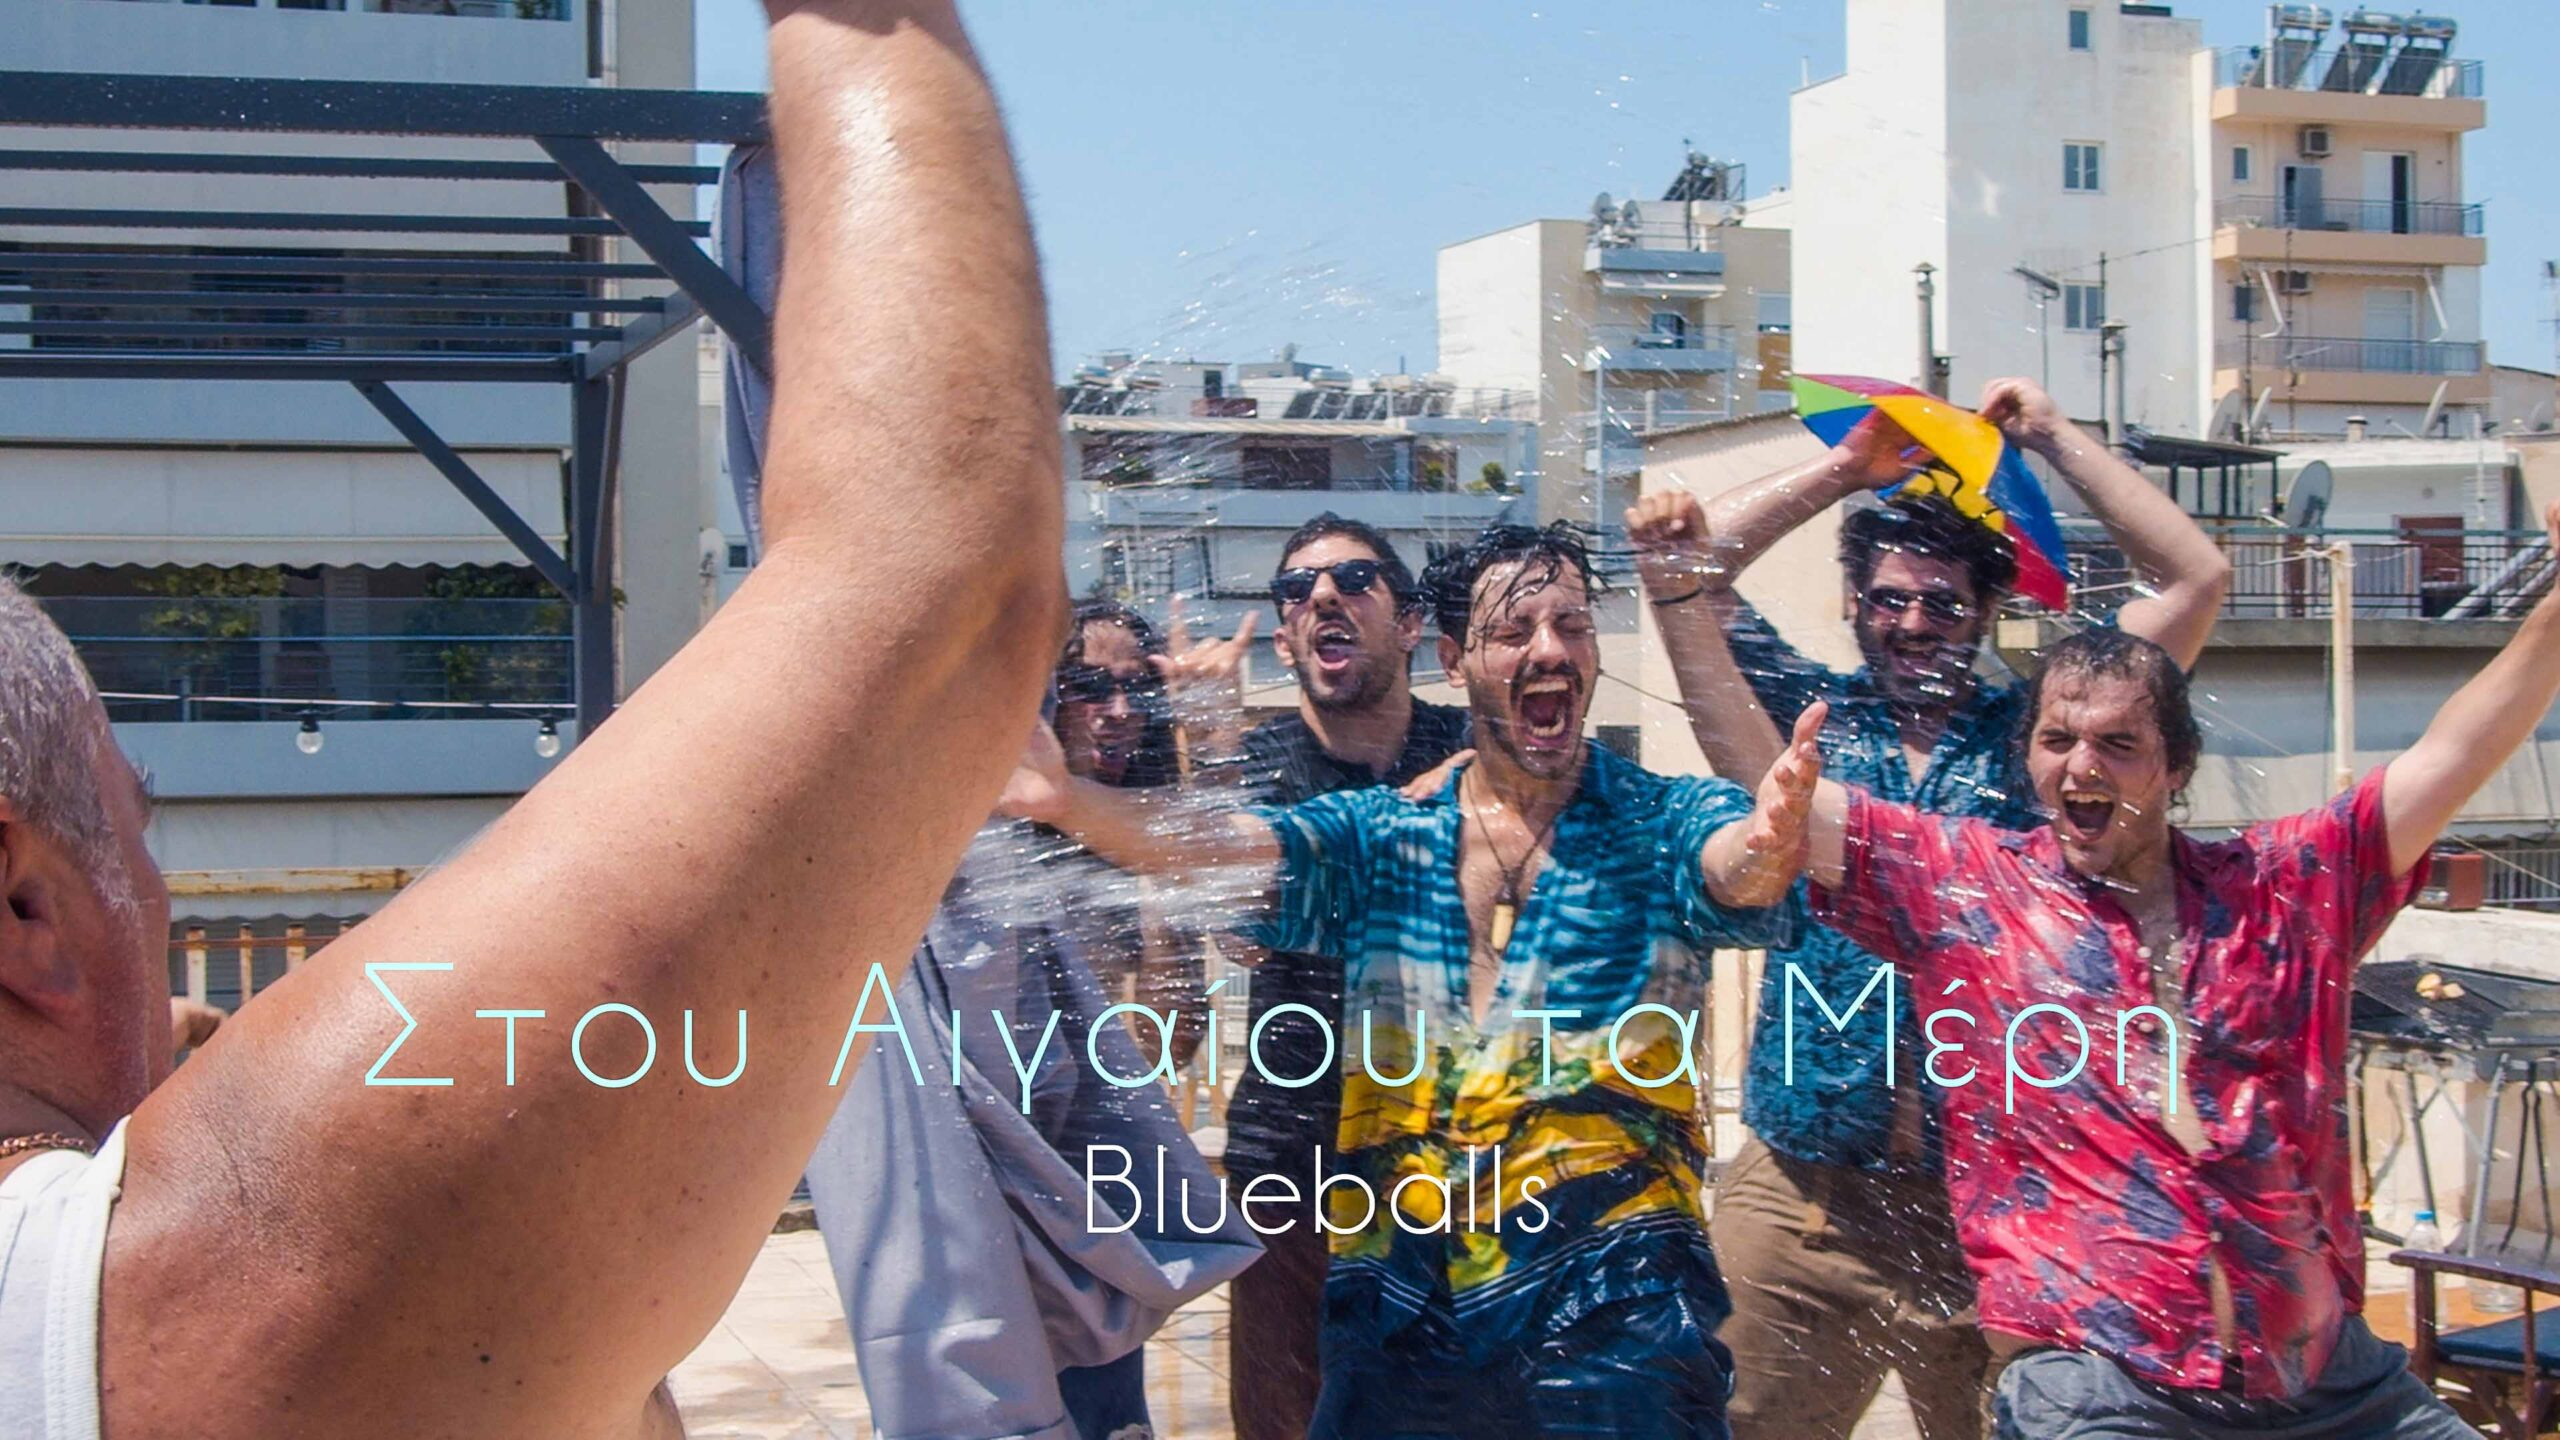 """Οι Blueballs μας ταξιδεύουν """"Στου Αιγαίου τα Μέρη"""" με το καινούριο τους τραγούδι !"""